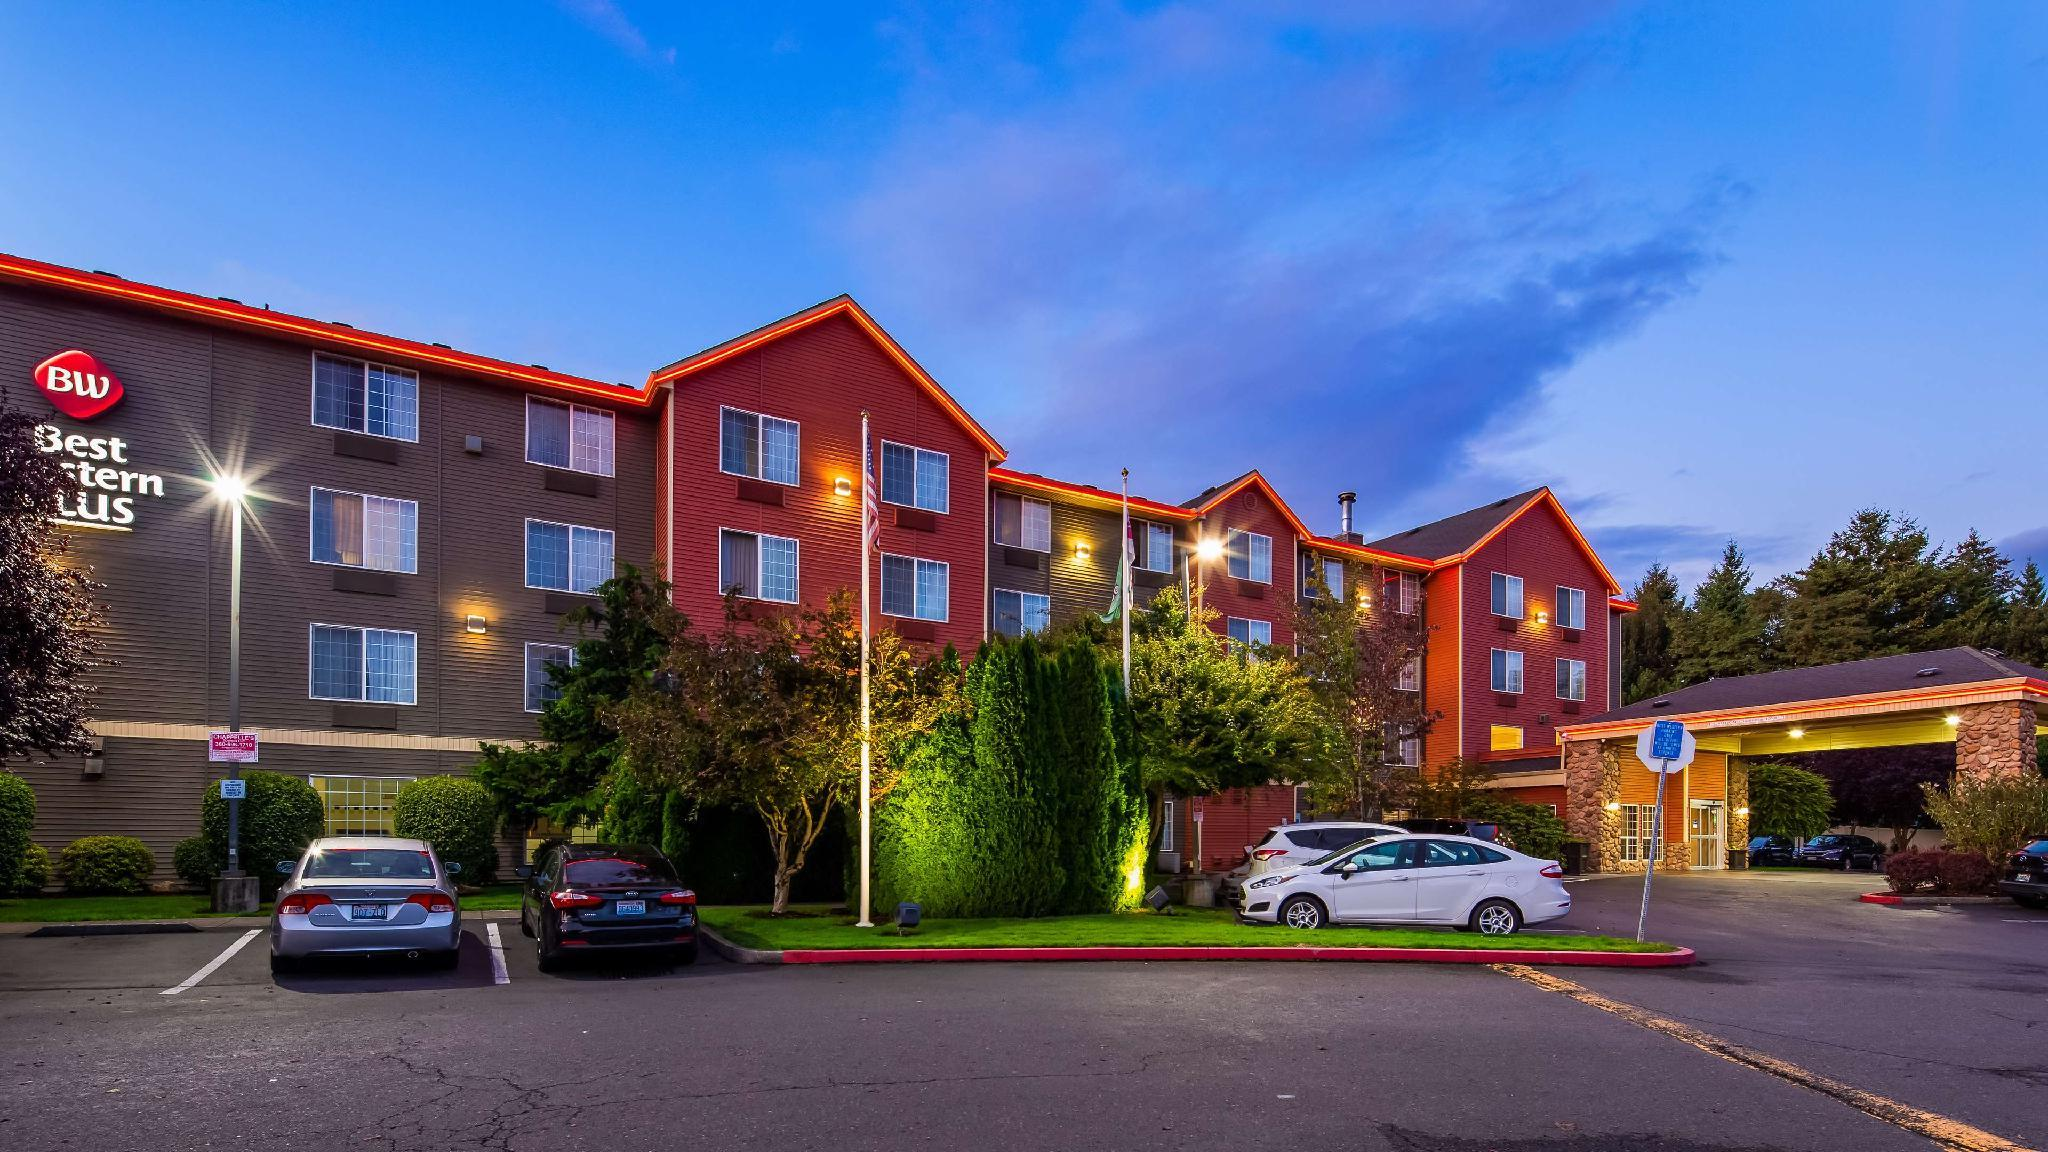 Pěkné místo, by bylo skvělé pro prodloužený pobyt má pěkné nabídky.